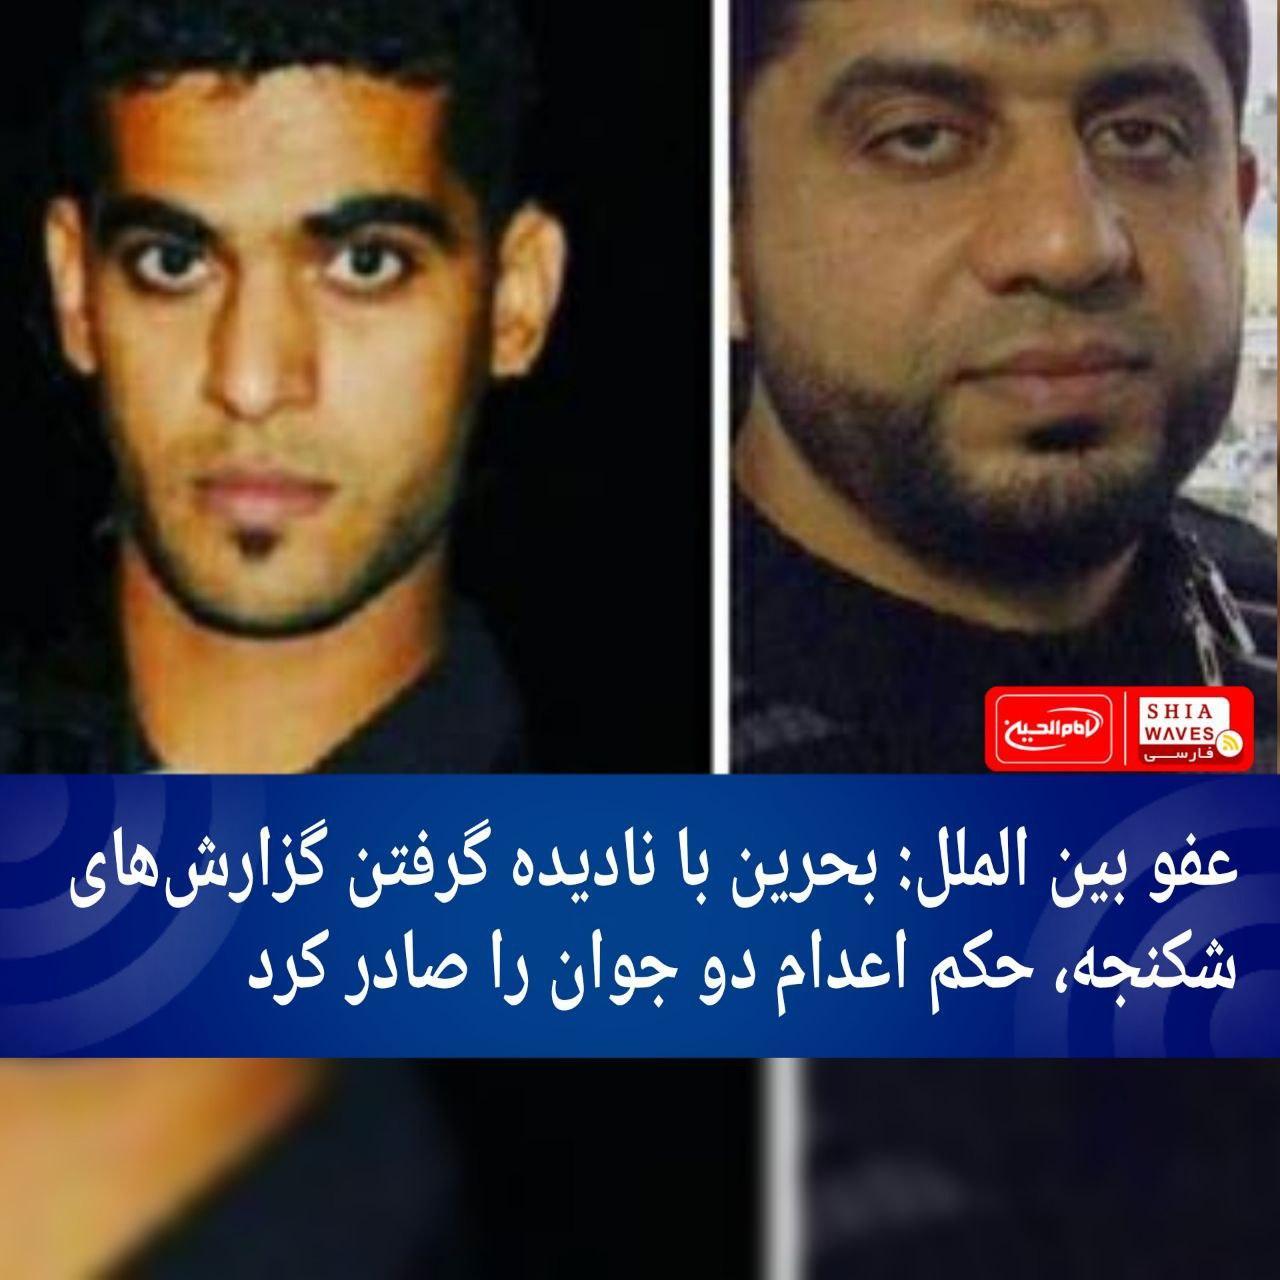 تصویر عفو بین الملل: بحرین با نادیده گرفتن گزارشهای شکنجه، حکم اعدام دو جوان را صادر کرد